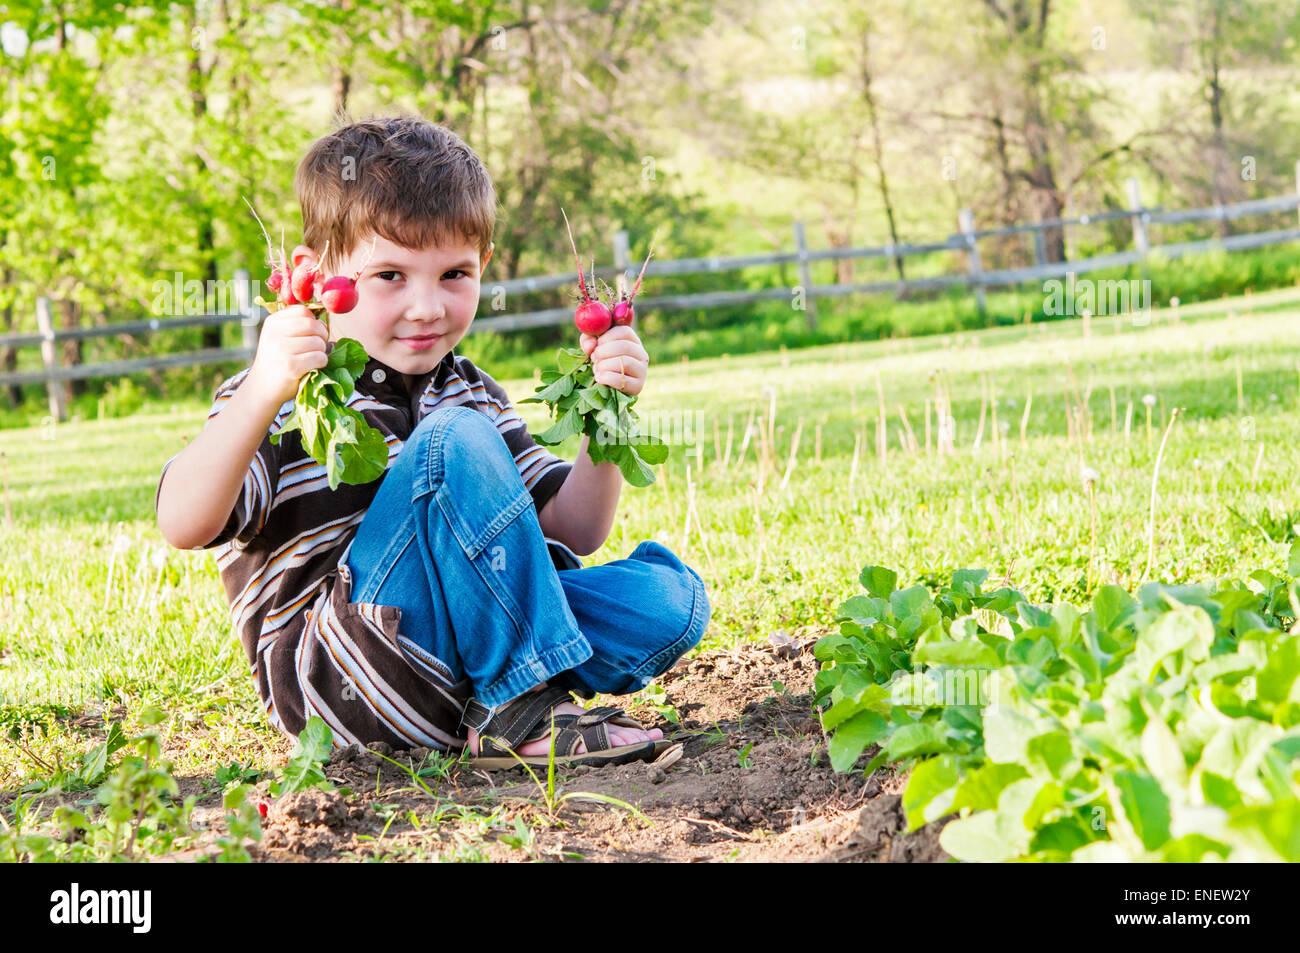 Ragazzo holding ravanelli tirato da giardino Immagini Stock